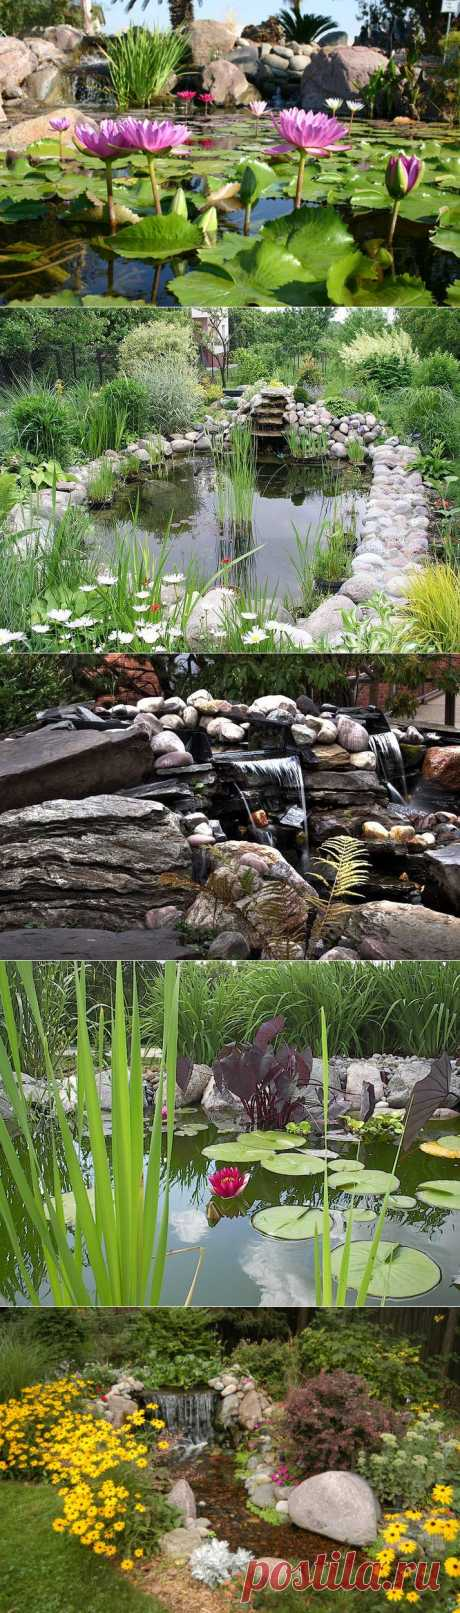 ПРЕКРАСНЫЕ САДЫ НА ВОДЕ.   Сады на воде, также известные как аква-сады, являются одной из разновидностей ландшафтного дизайна. Под водными садами понимают любой интерьер или экстерьер, а также архитектурный элемент, который соответствует главному критерию – наличие водных растений. И не важно, используется ли один вид растений или их комбинация. Кроме указанной специфической черты, водный сад также может включать в себя и пруд для разведения декоративных рыбок.